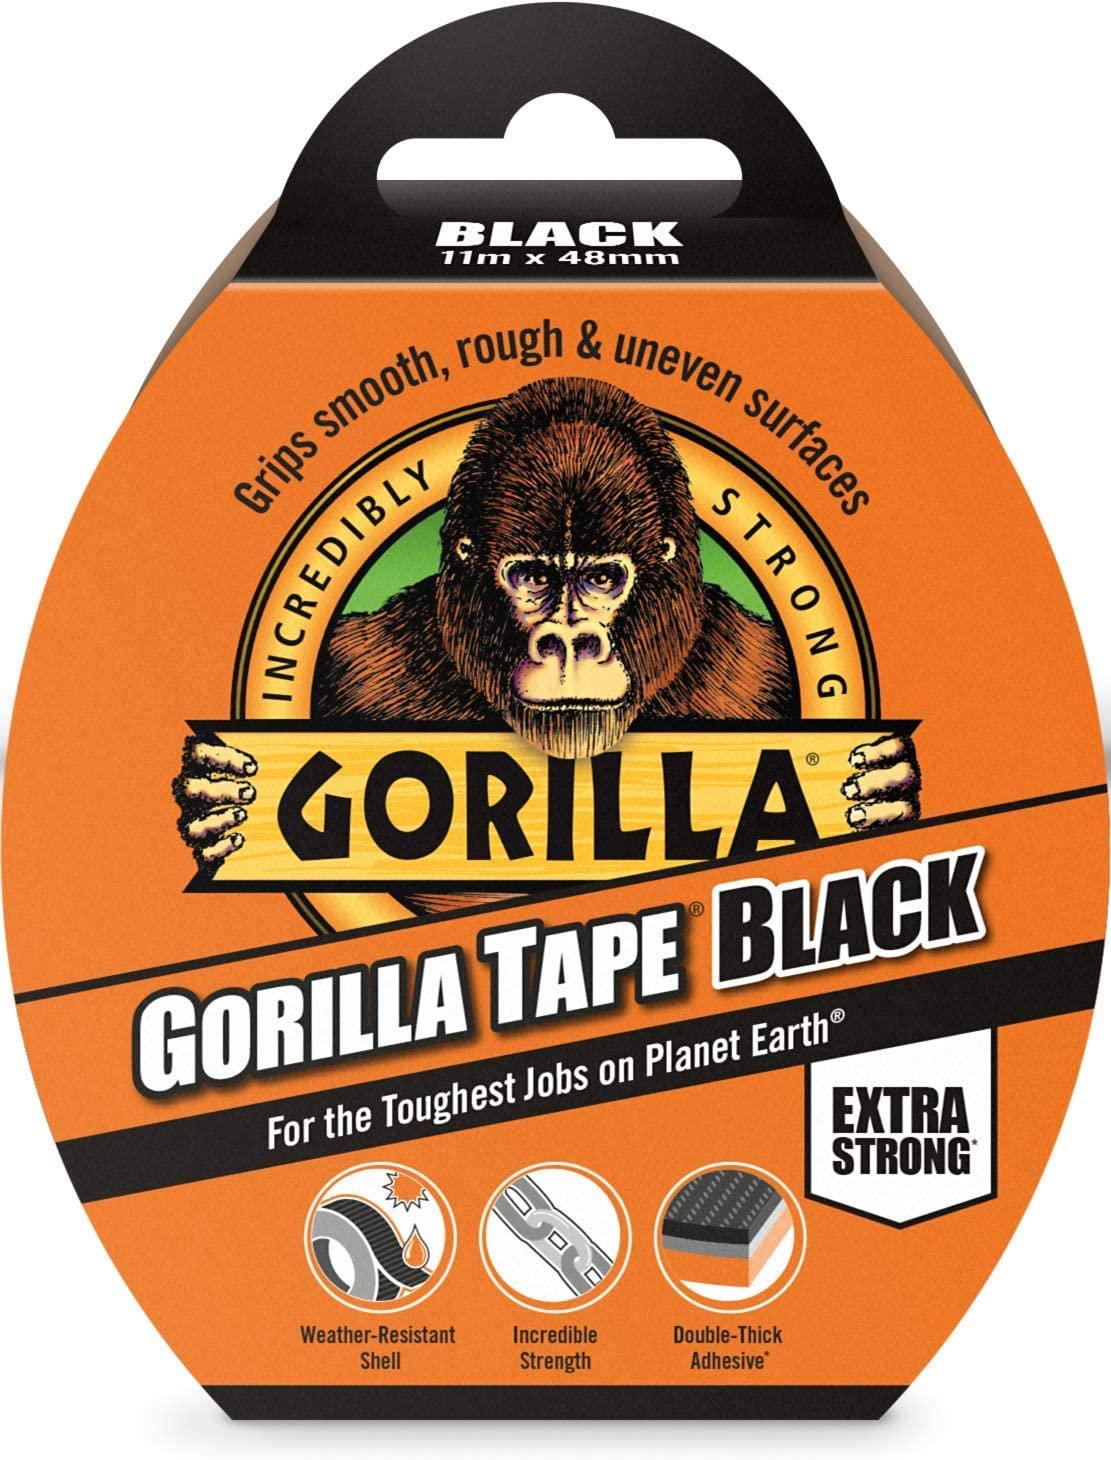 Gorilla Tape 11m Roll £3.25 (Prime) + £4.49 (non Prime) at Amazon